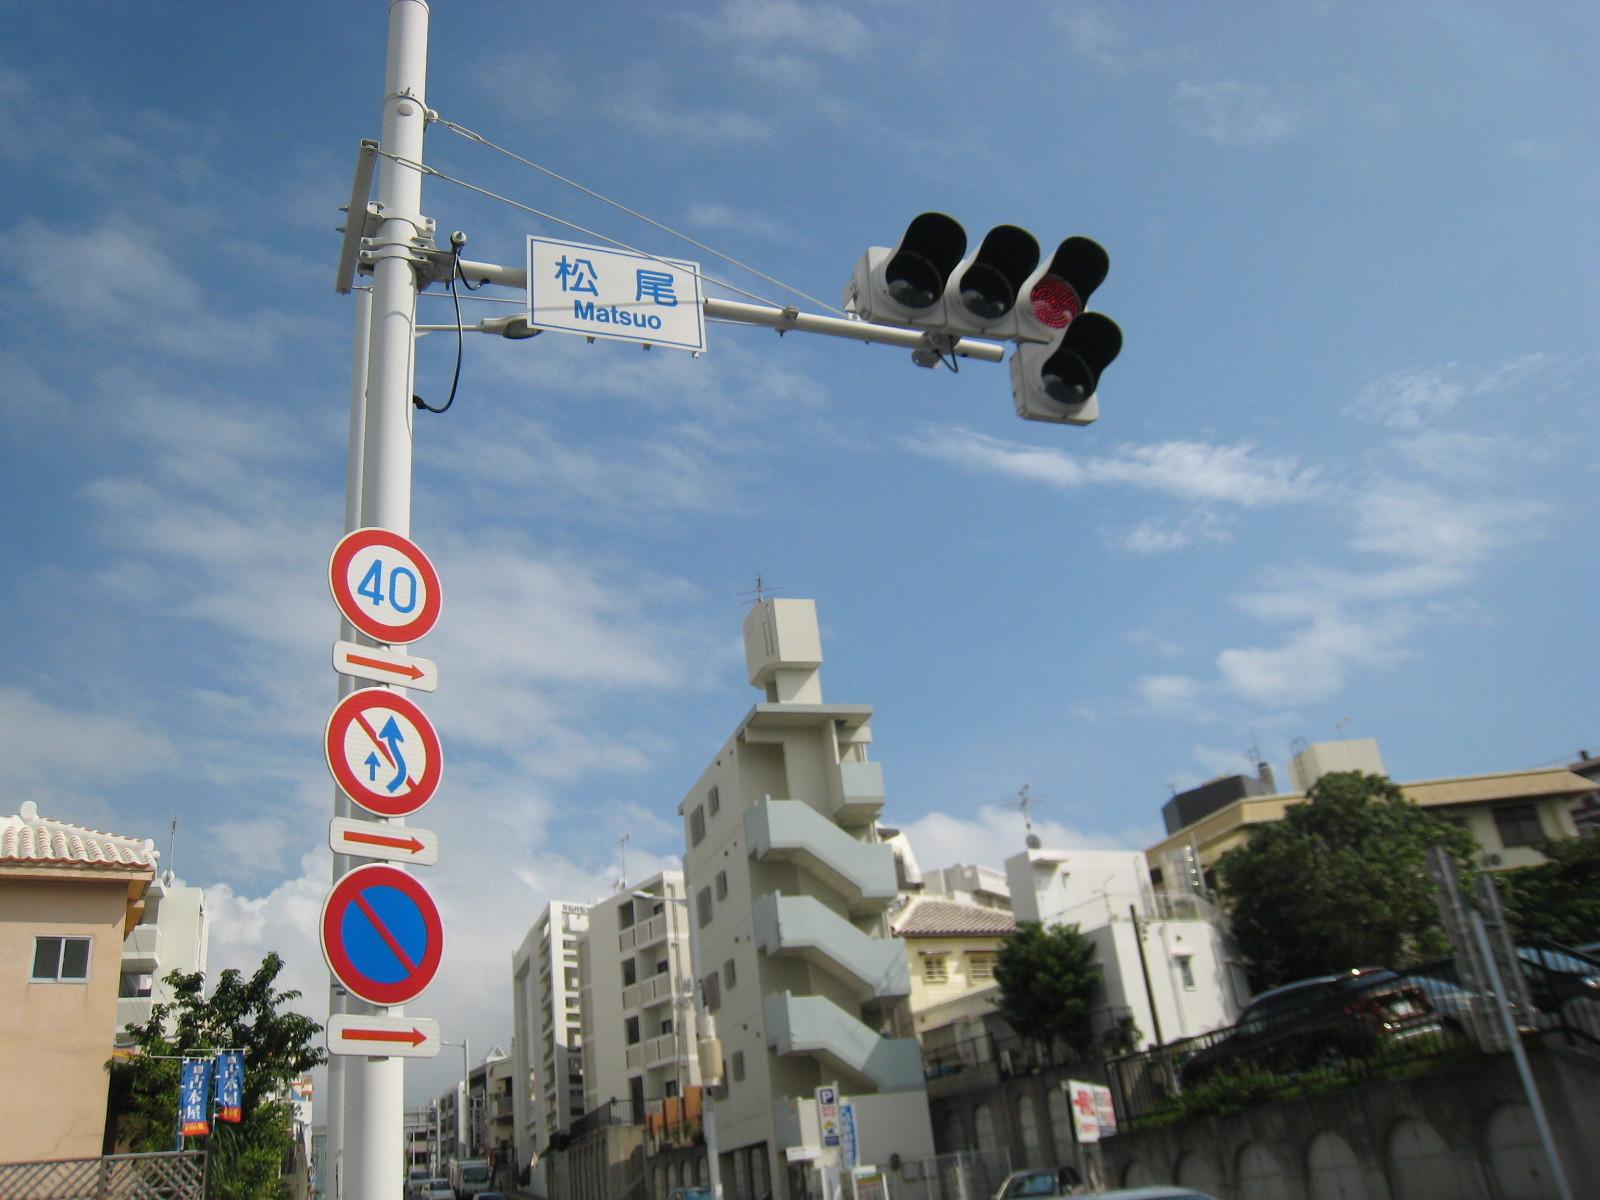 沖縄の旅 その38 国際通り その1_e0021092_12565989.jpg